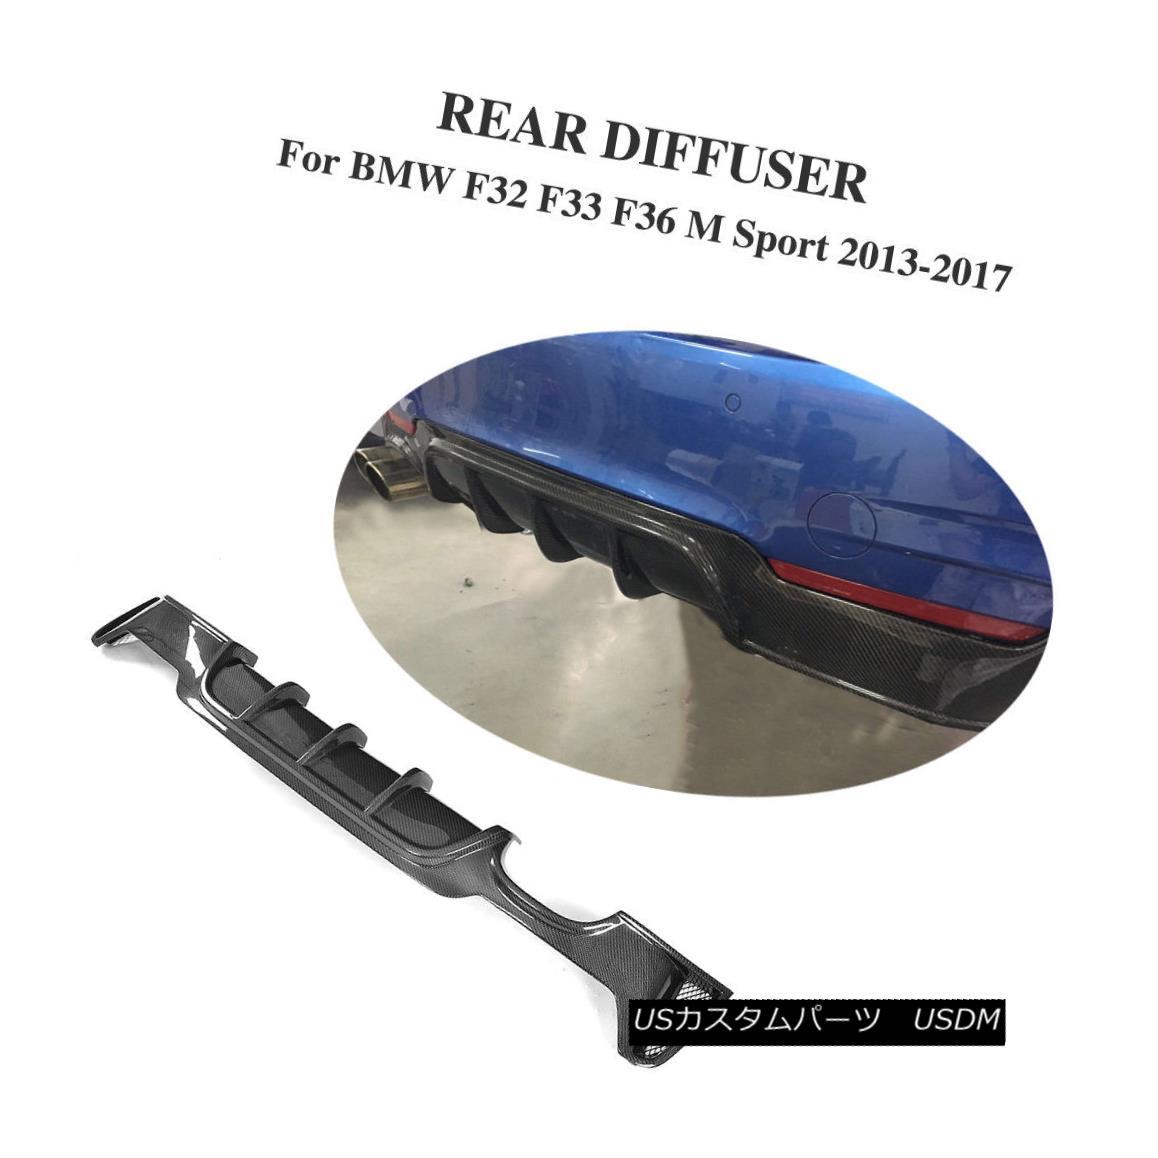 エアロパーツ Rear Diffuser Cover Carbon Fiber For BMW F32 F33 F36 M Sport 2dr 4dr 13-17 後方ディフューザーカバーBMW F32 F33 F36 Mスポーツ2dr 4dr 13-17用カーボンファイバー